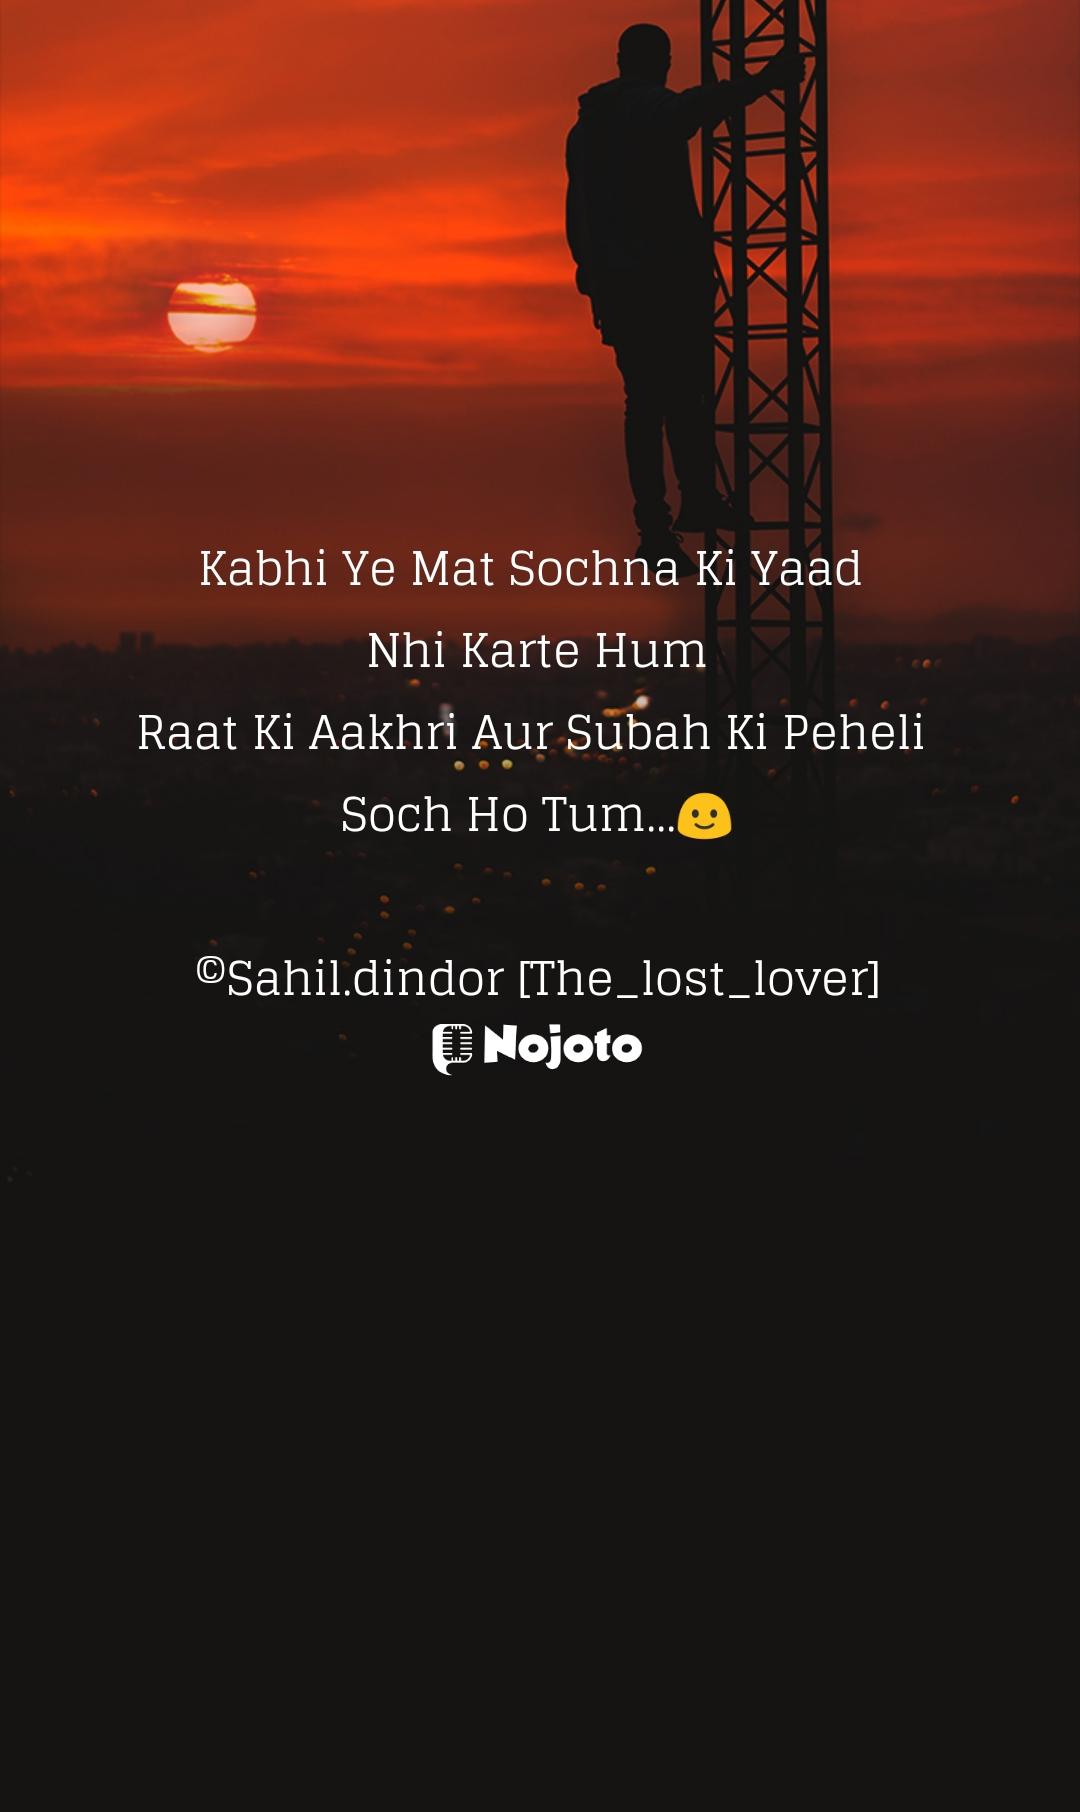 Kabhi Ye Mat Sochna Ki Yaad  Nhi Karte Hum Raat Ki Aakhri Aur Subah Ki Peheli  Soch Ho Tum...🙂  ©Sahil.dindor [The_lost_lover]